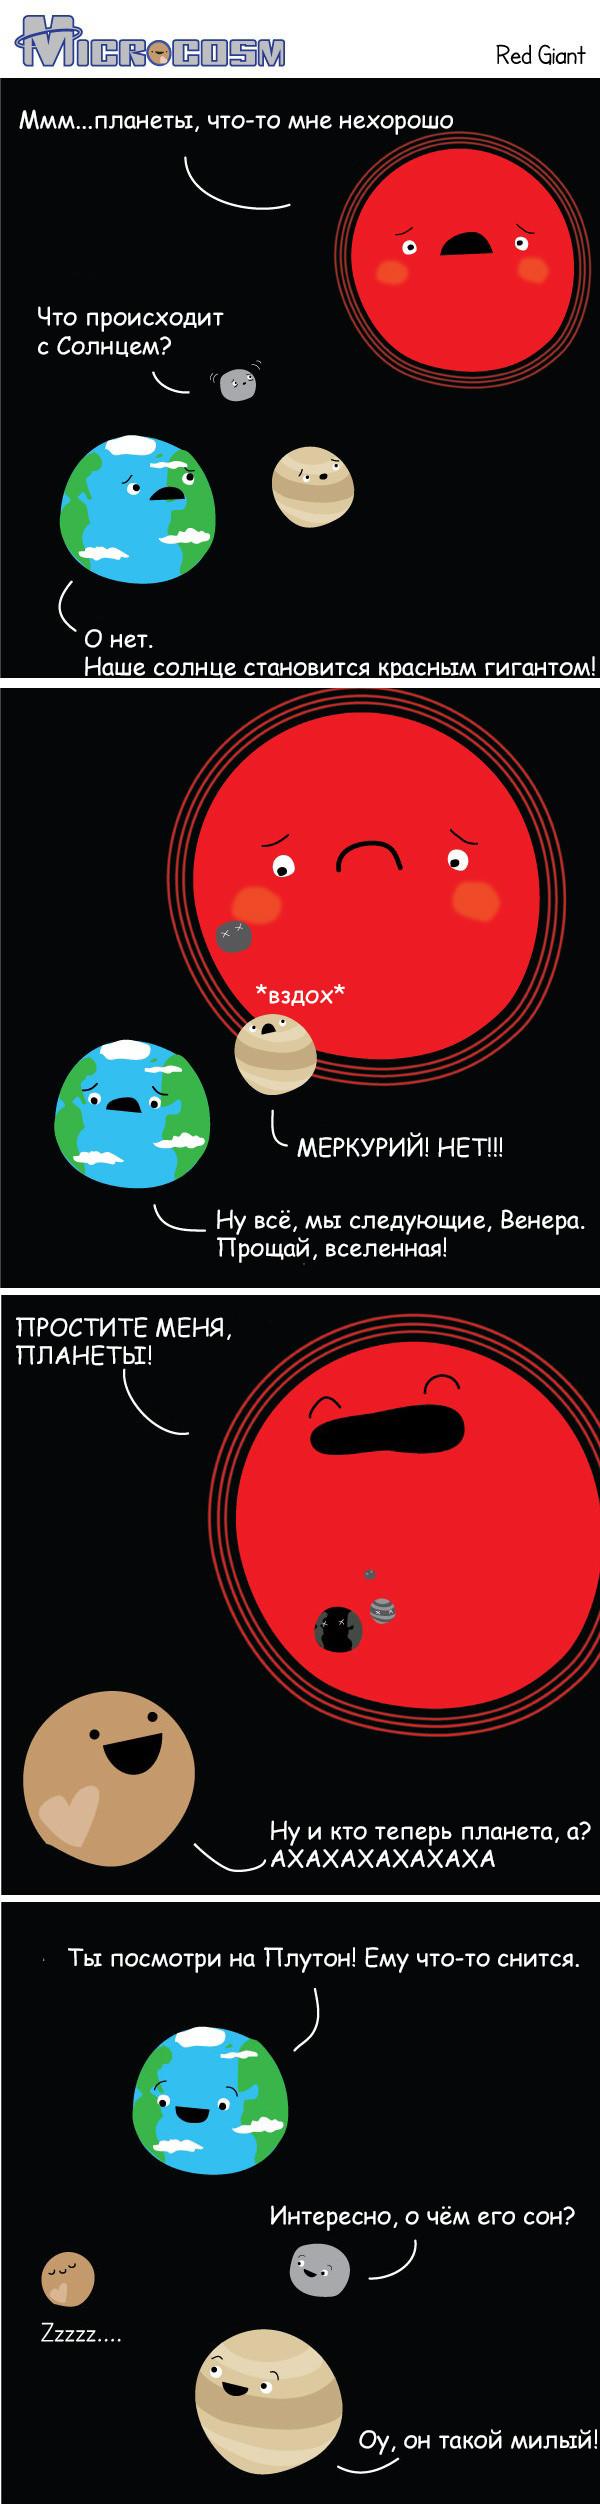 Становление Плутона Комиксы, Планета, Длиннопост, Юмор, Космос, Плутон